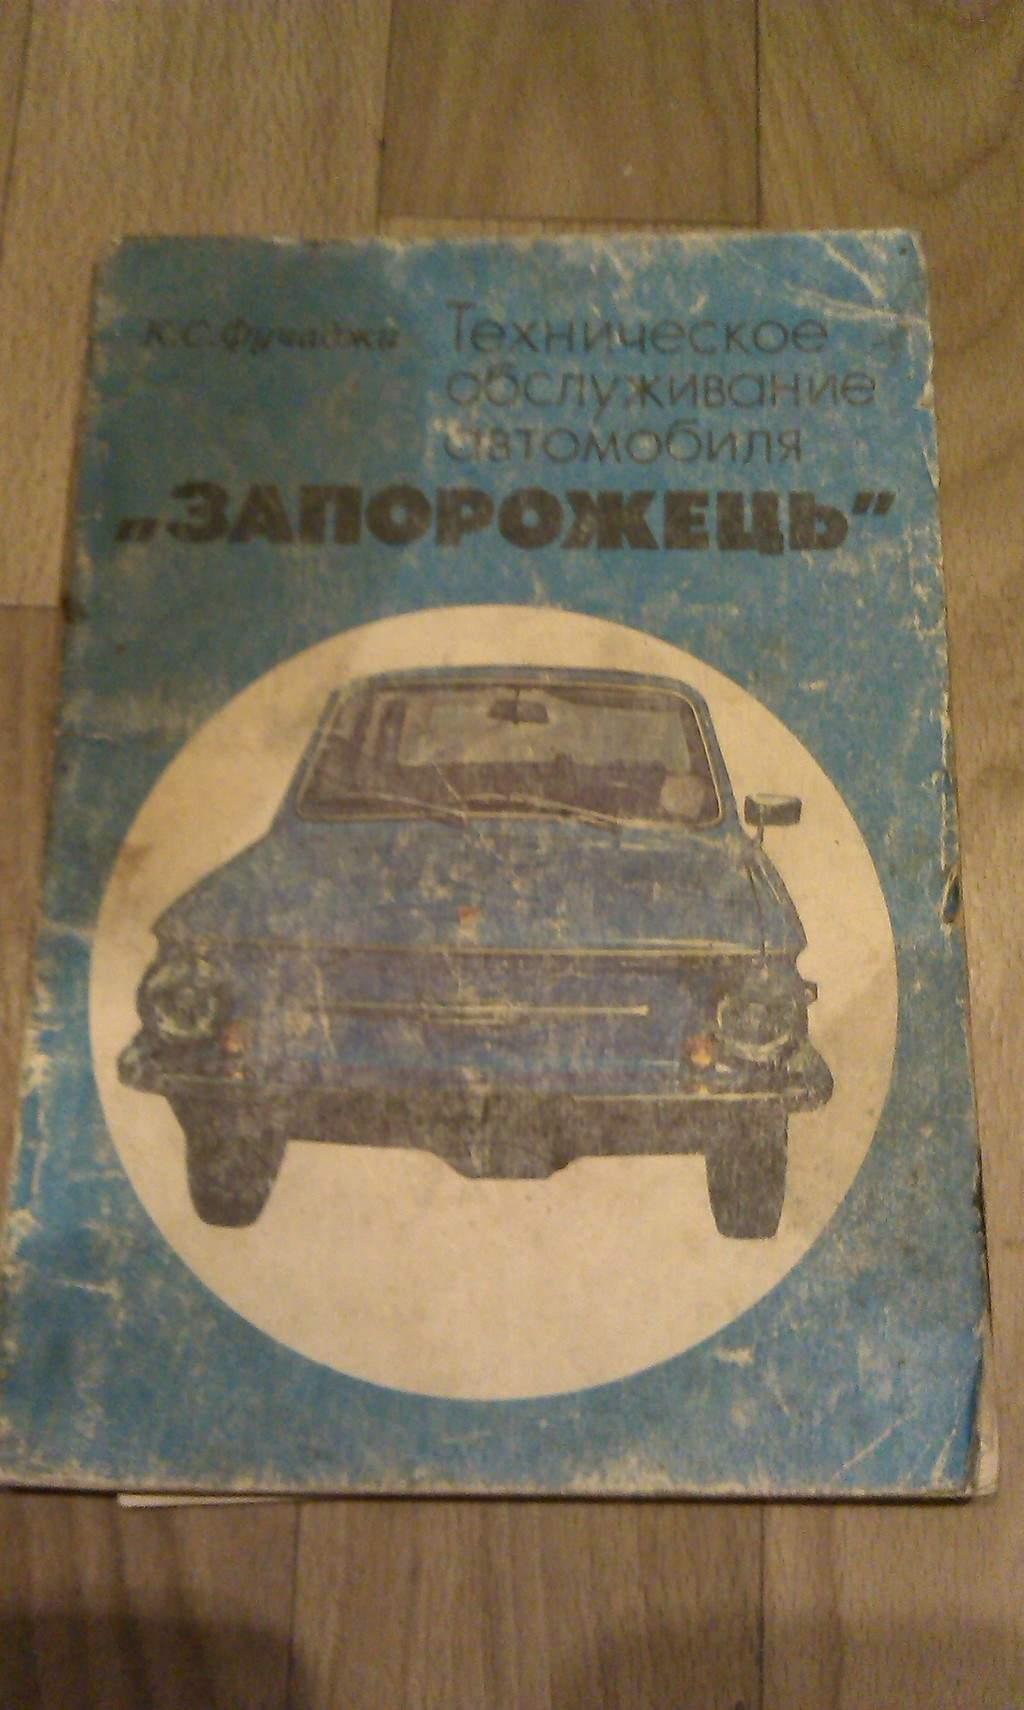 Продам книжку Техническое обслуживание автомобиля. Запорожец. Издательство Киев техника год 1979 Днепропетровск